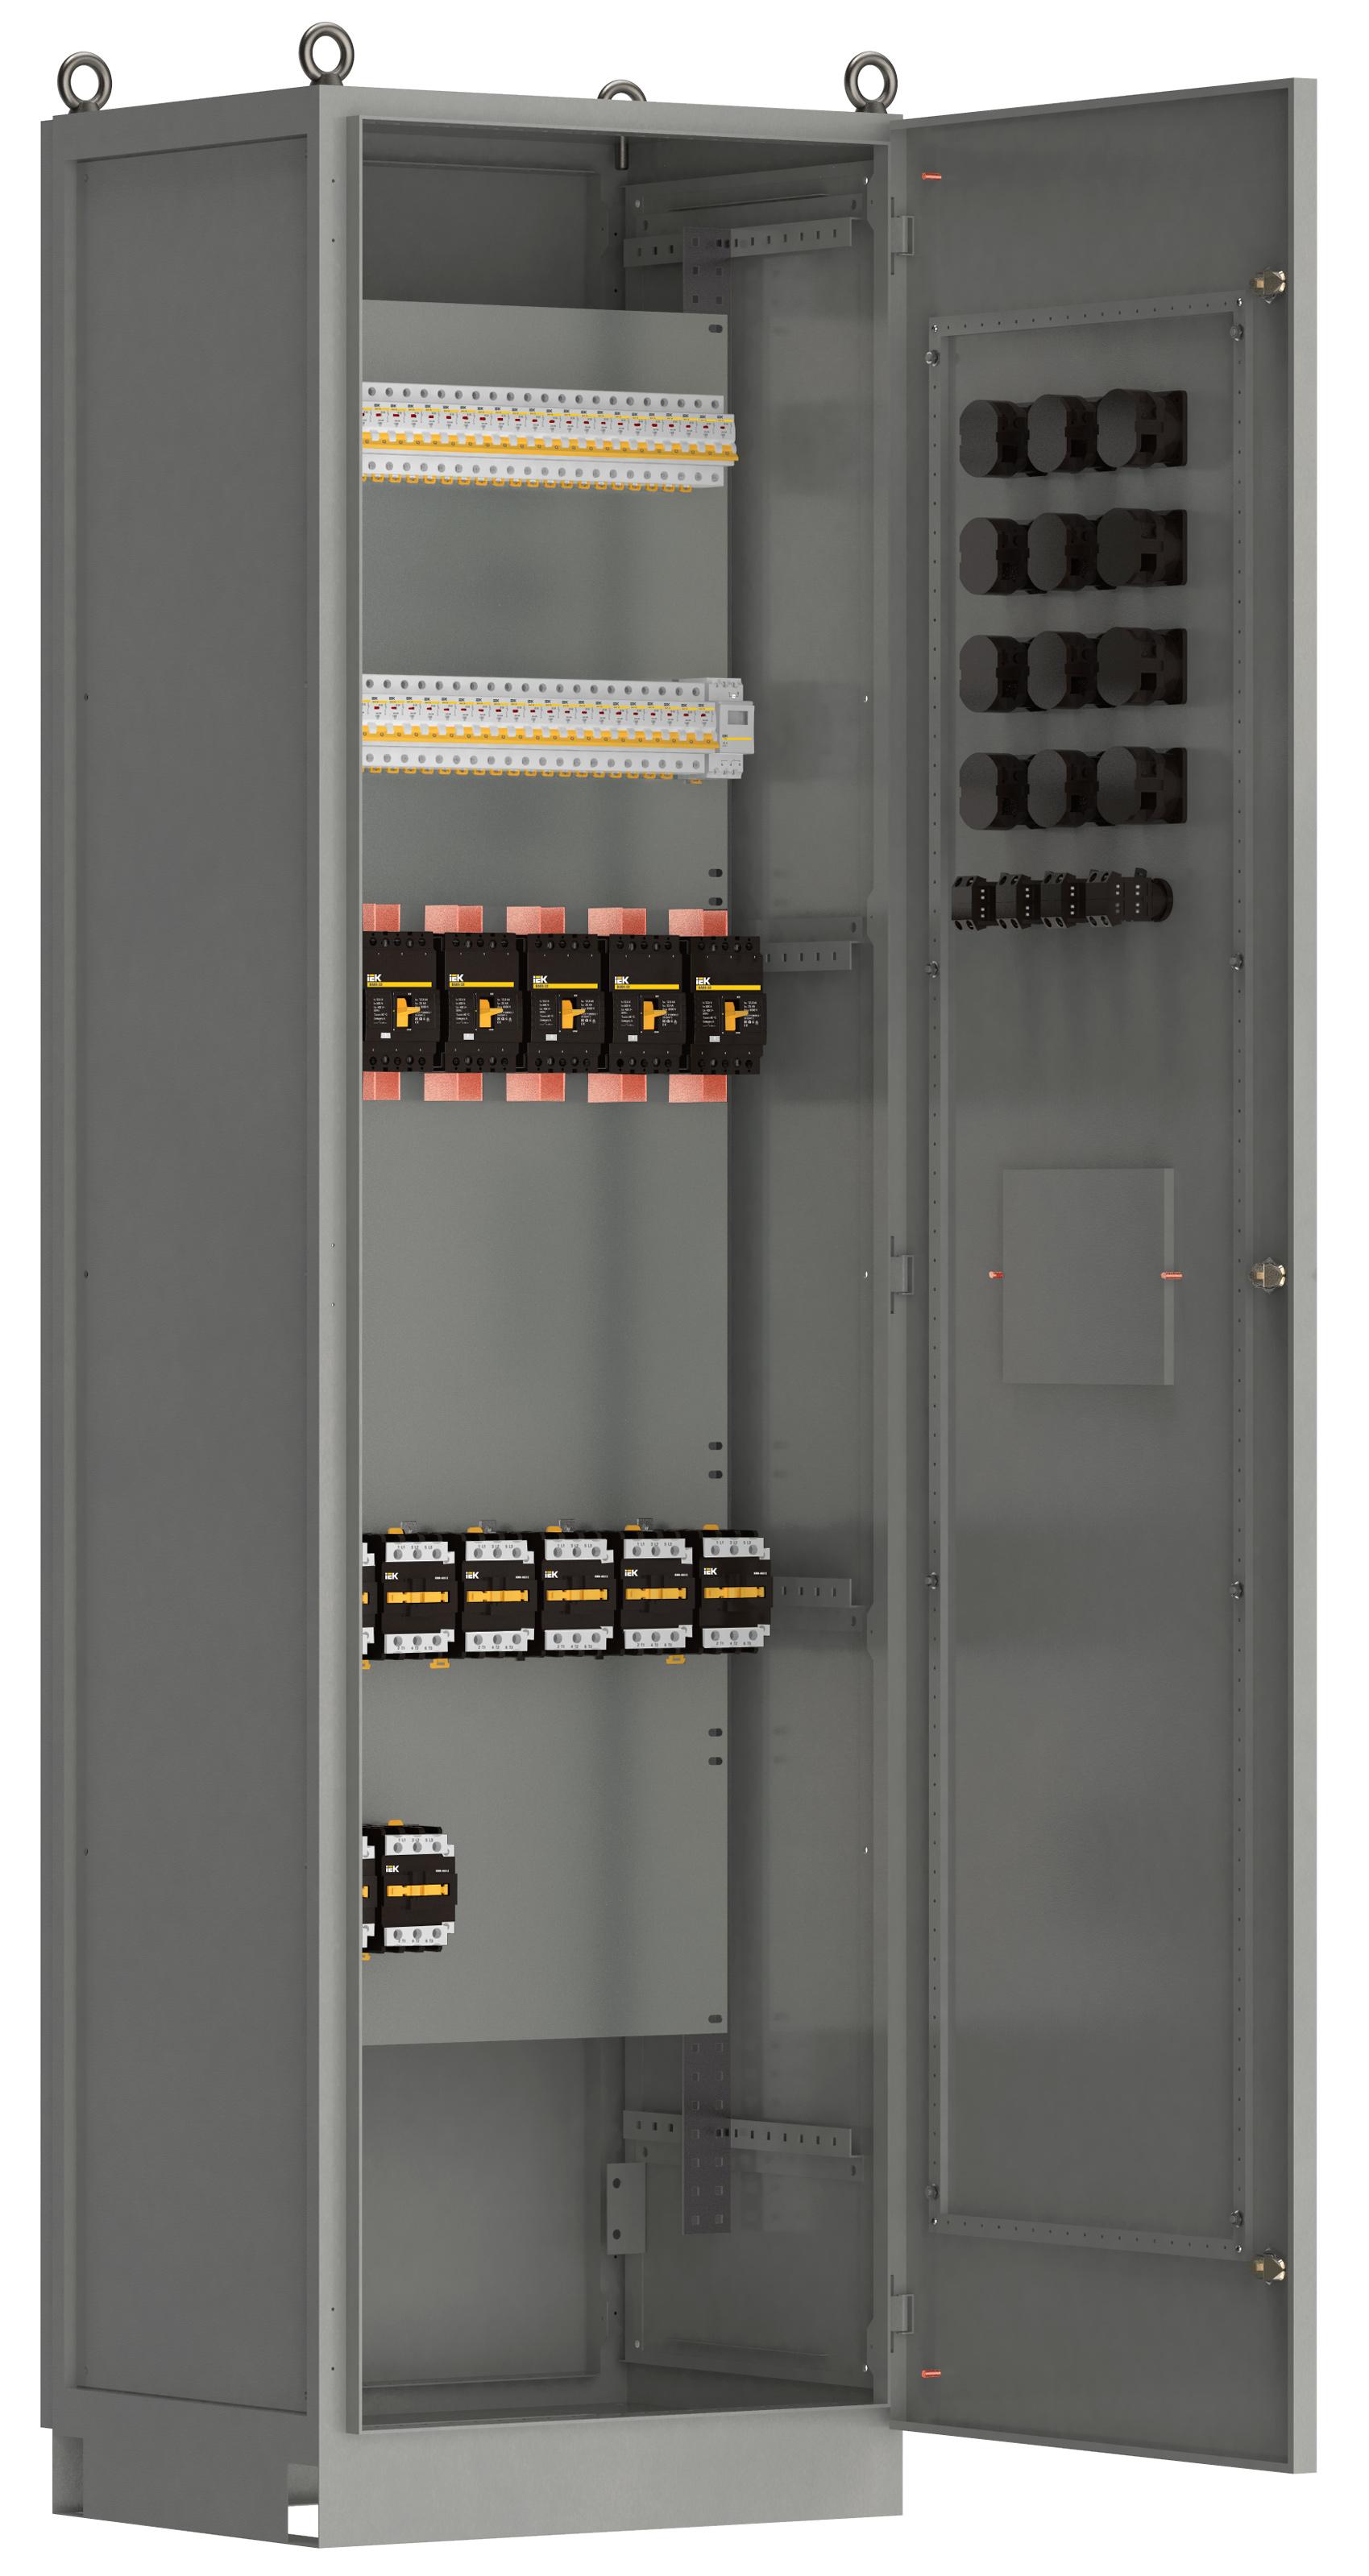 Панель распределительная ВРУ-8503 2Р-103-30 рубильник 1х250А выключатели автоматические 3Р 16х63А IEK